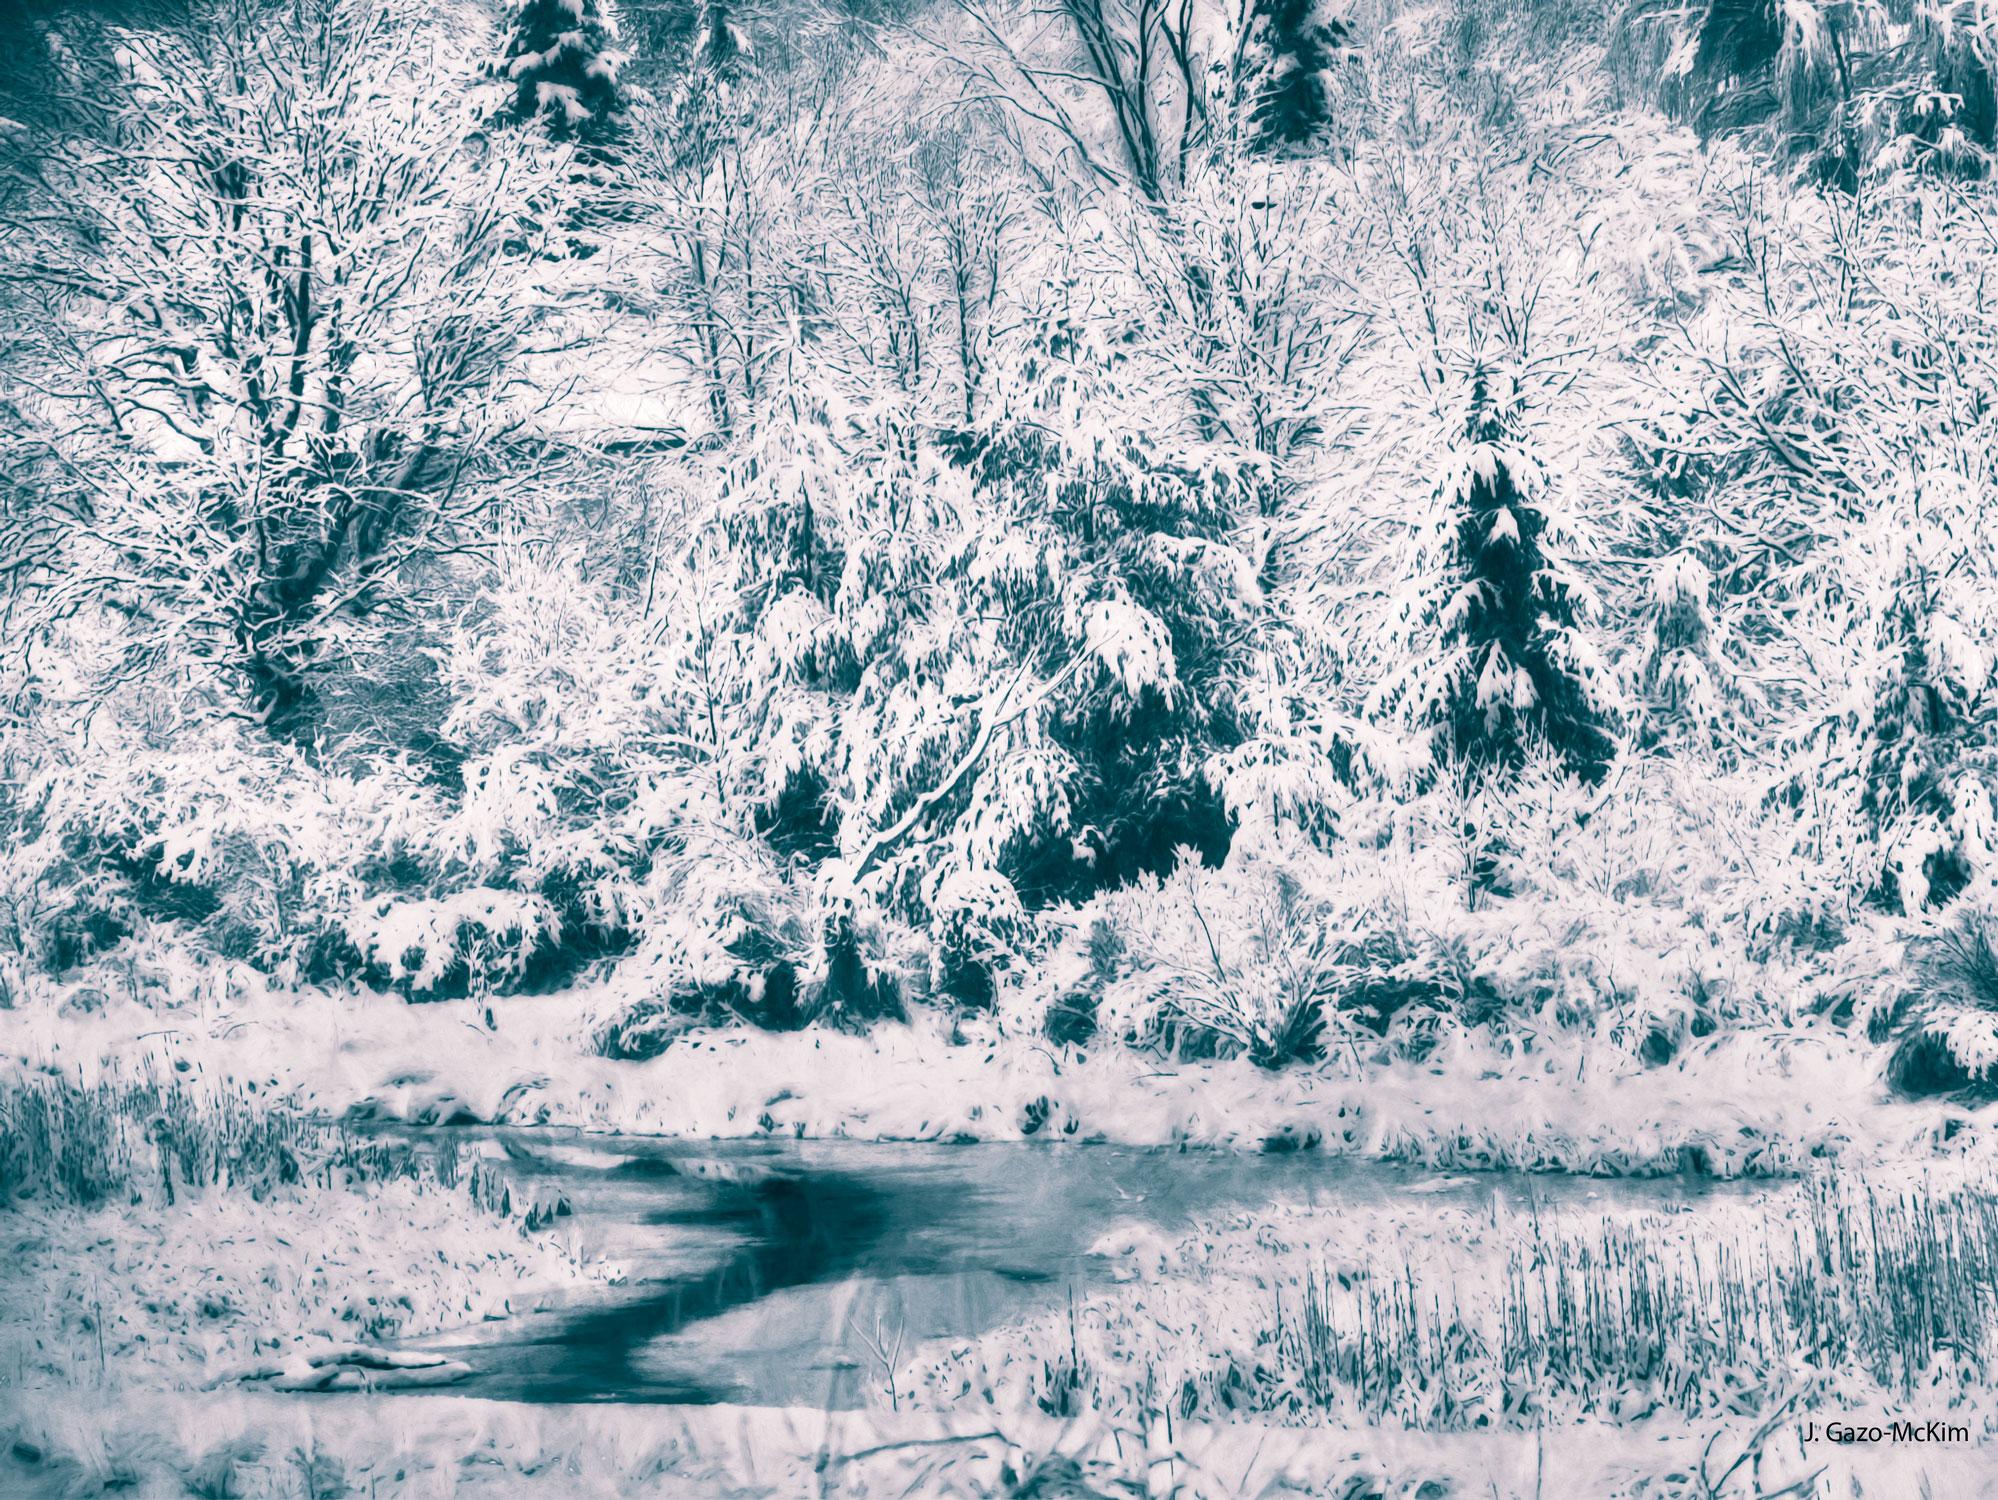 Winter's-Cobalt-Grip-1500px.jpg